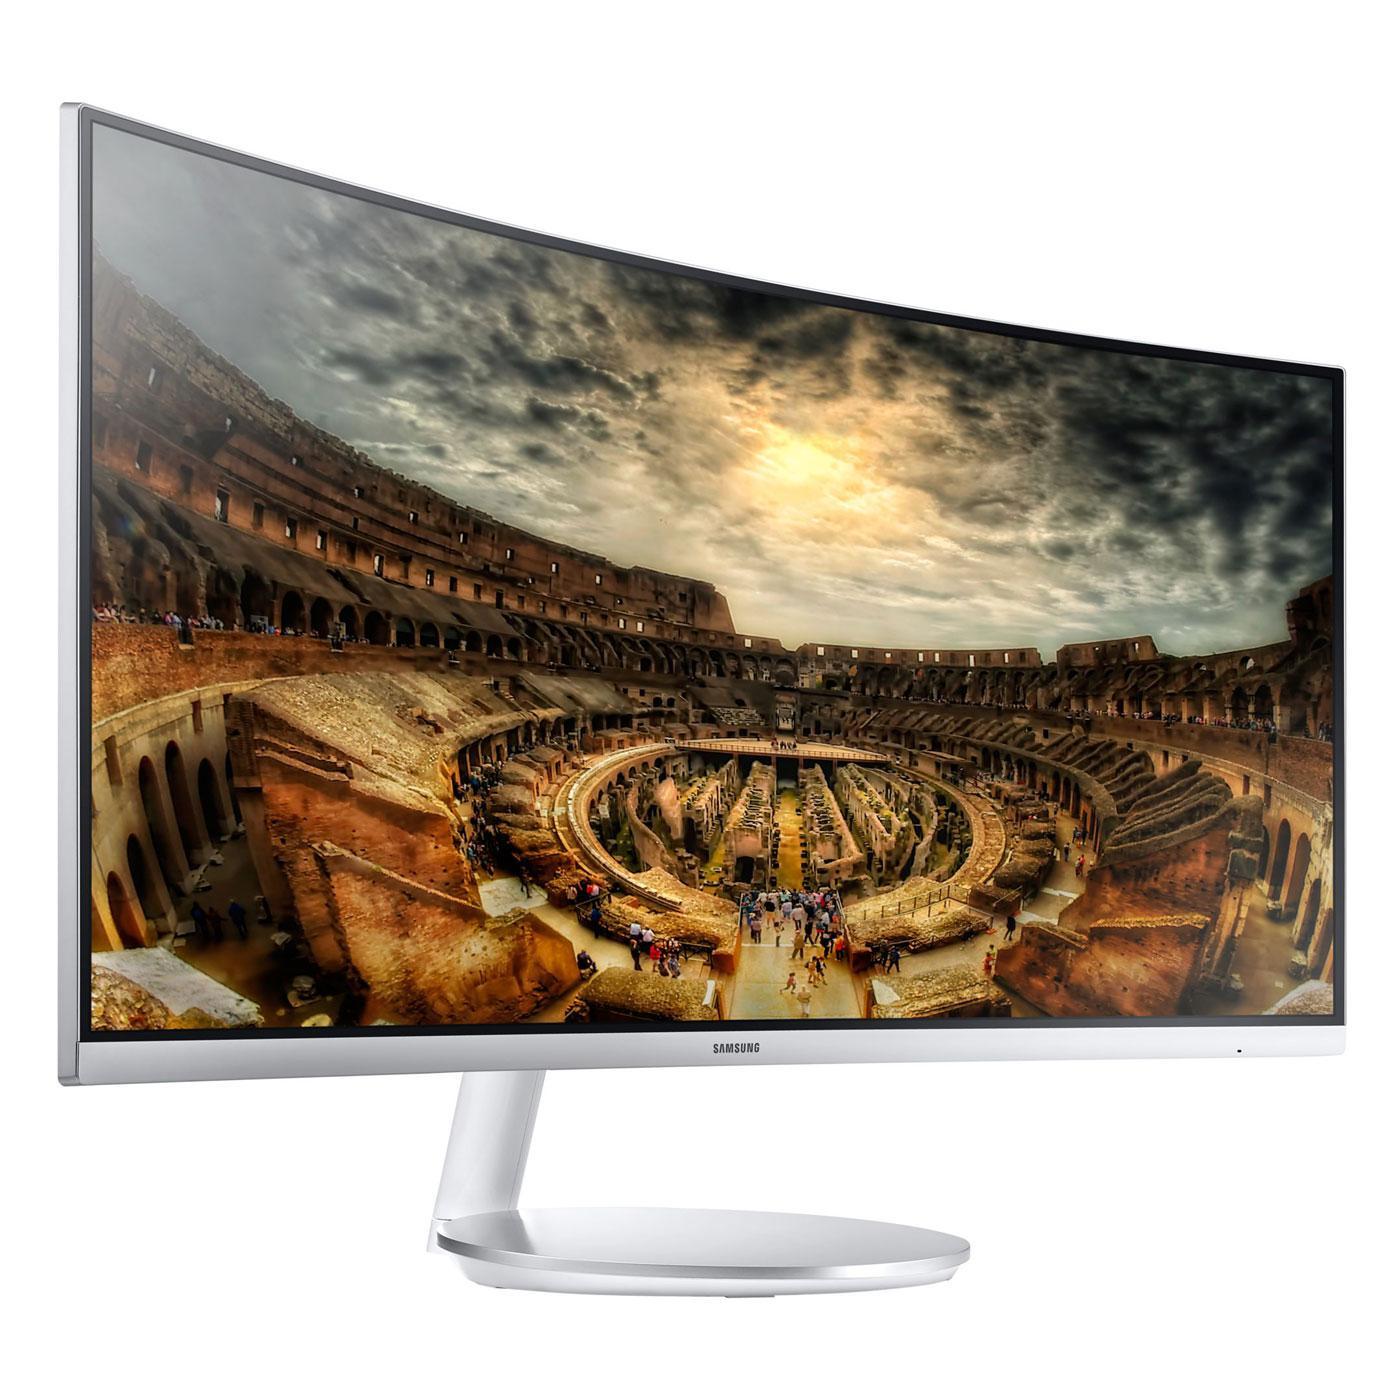 """Sélection de Moniteurs PC Samsung en promotion - Ex: Ecran PC 34"""" Samsung C34F791WQ - LED (via ODR de 15%)"""